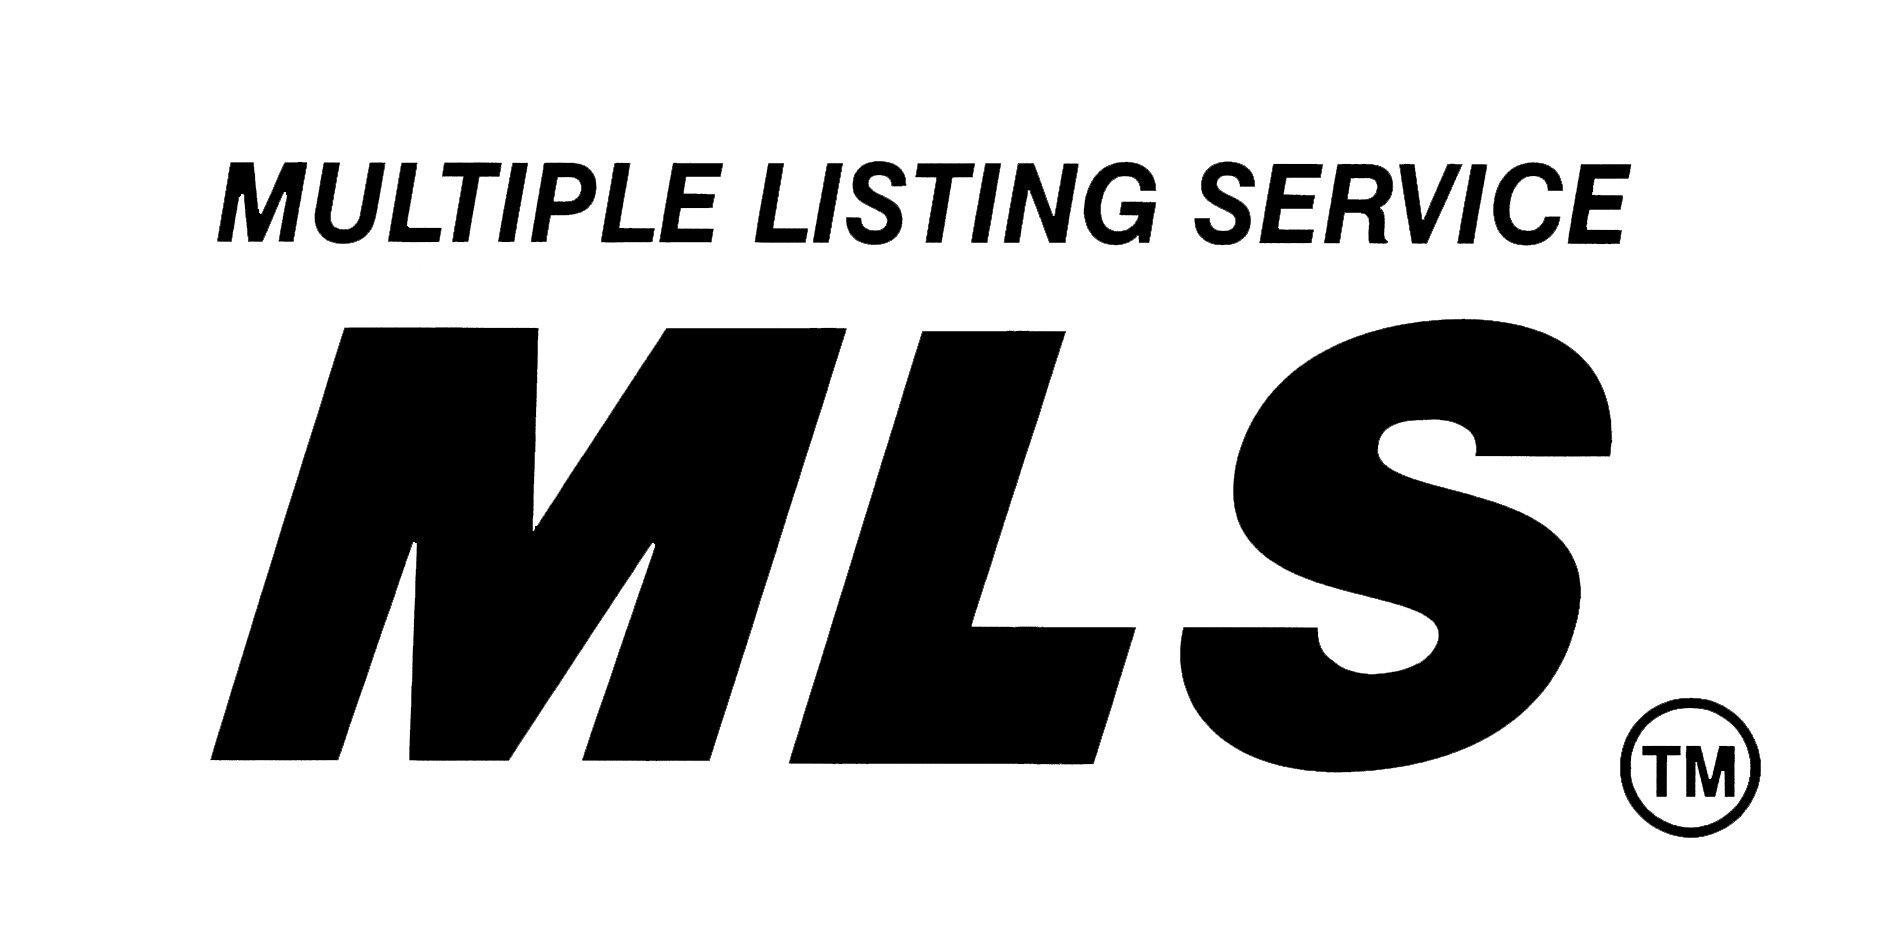 Mls realtor logo mls realtor symbol meaning history and for Realtor logo ideas